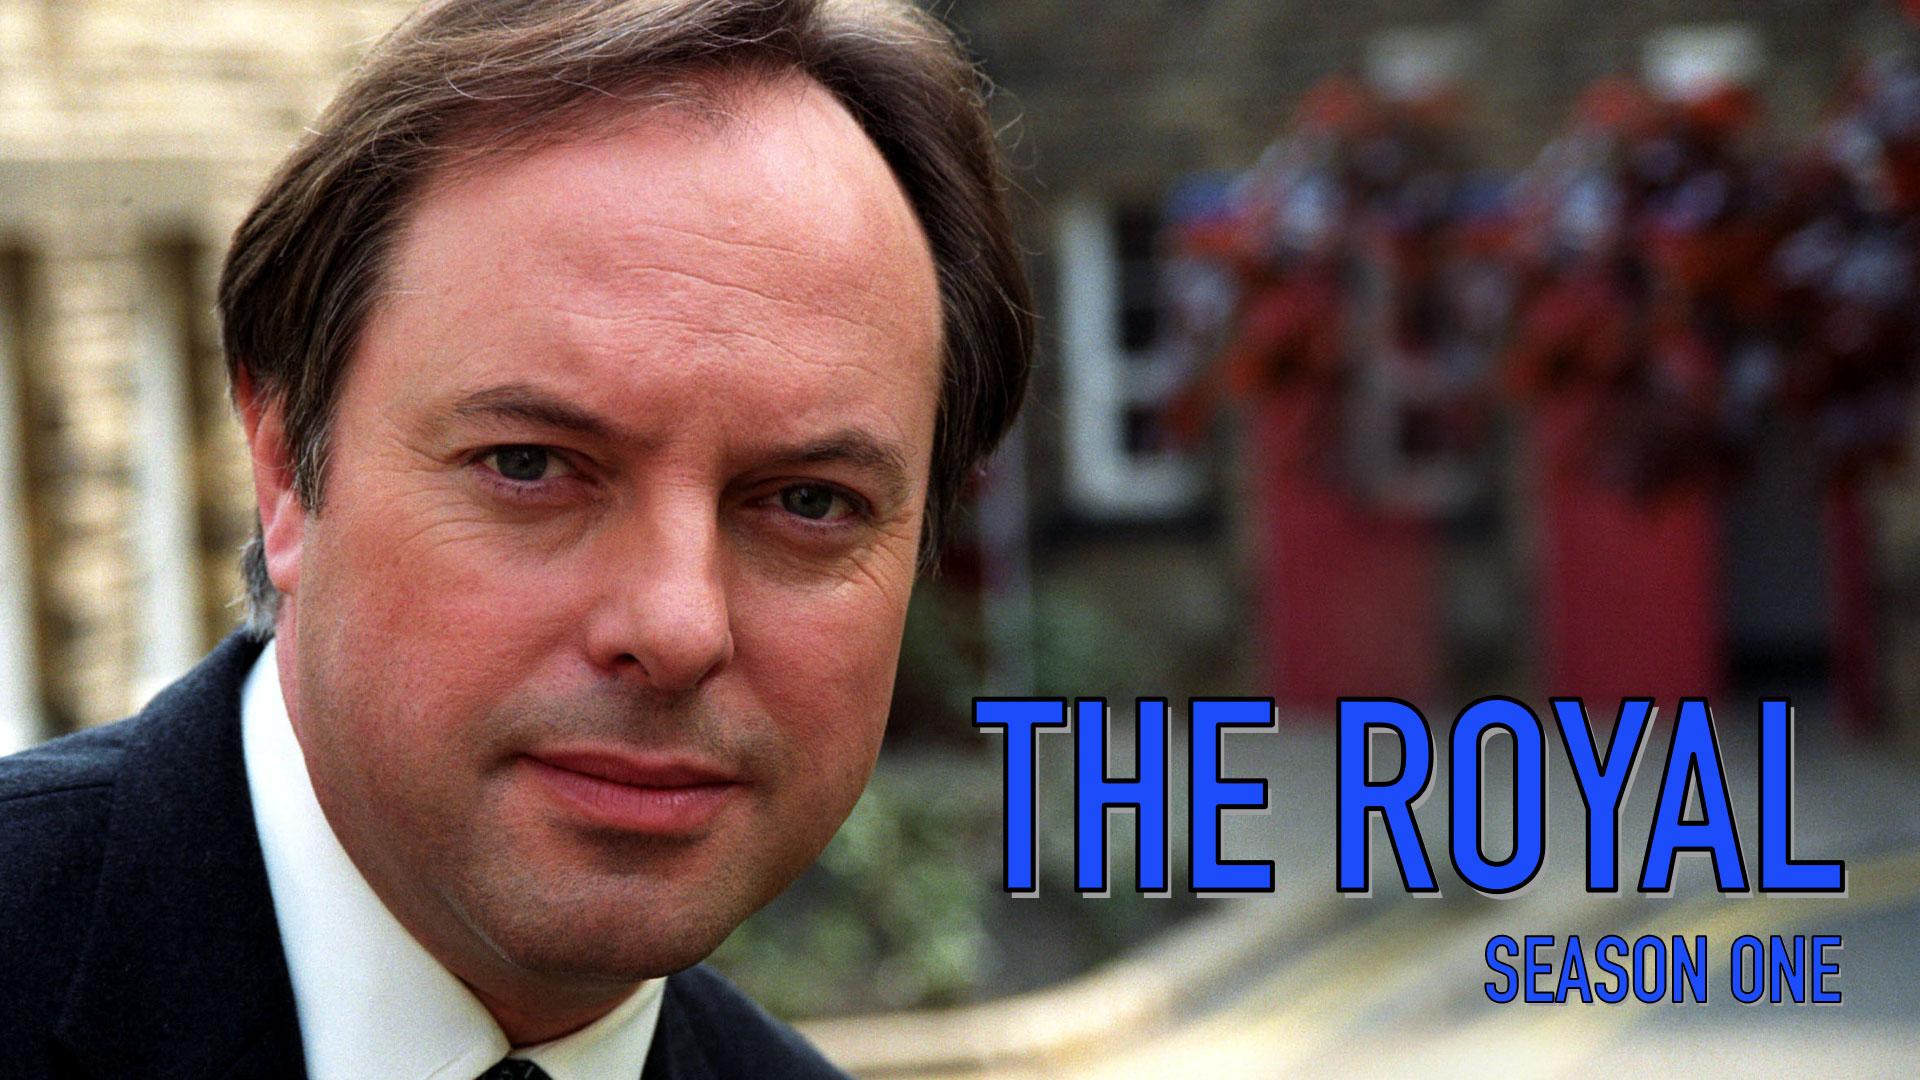 The Royal, Season 1